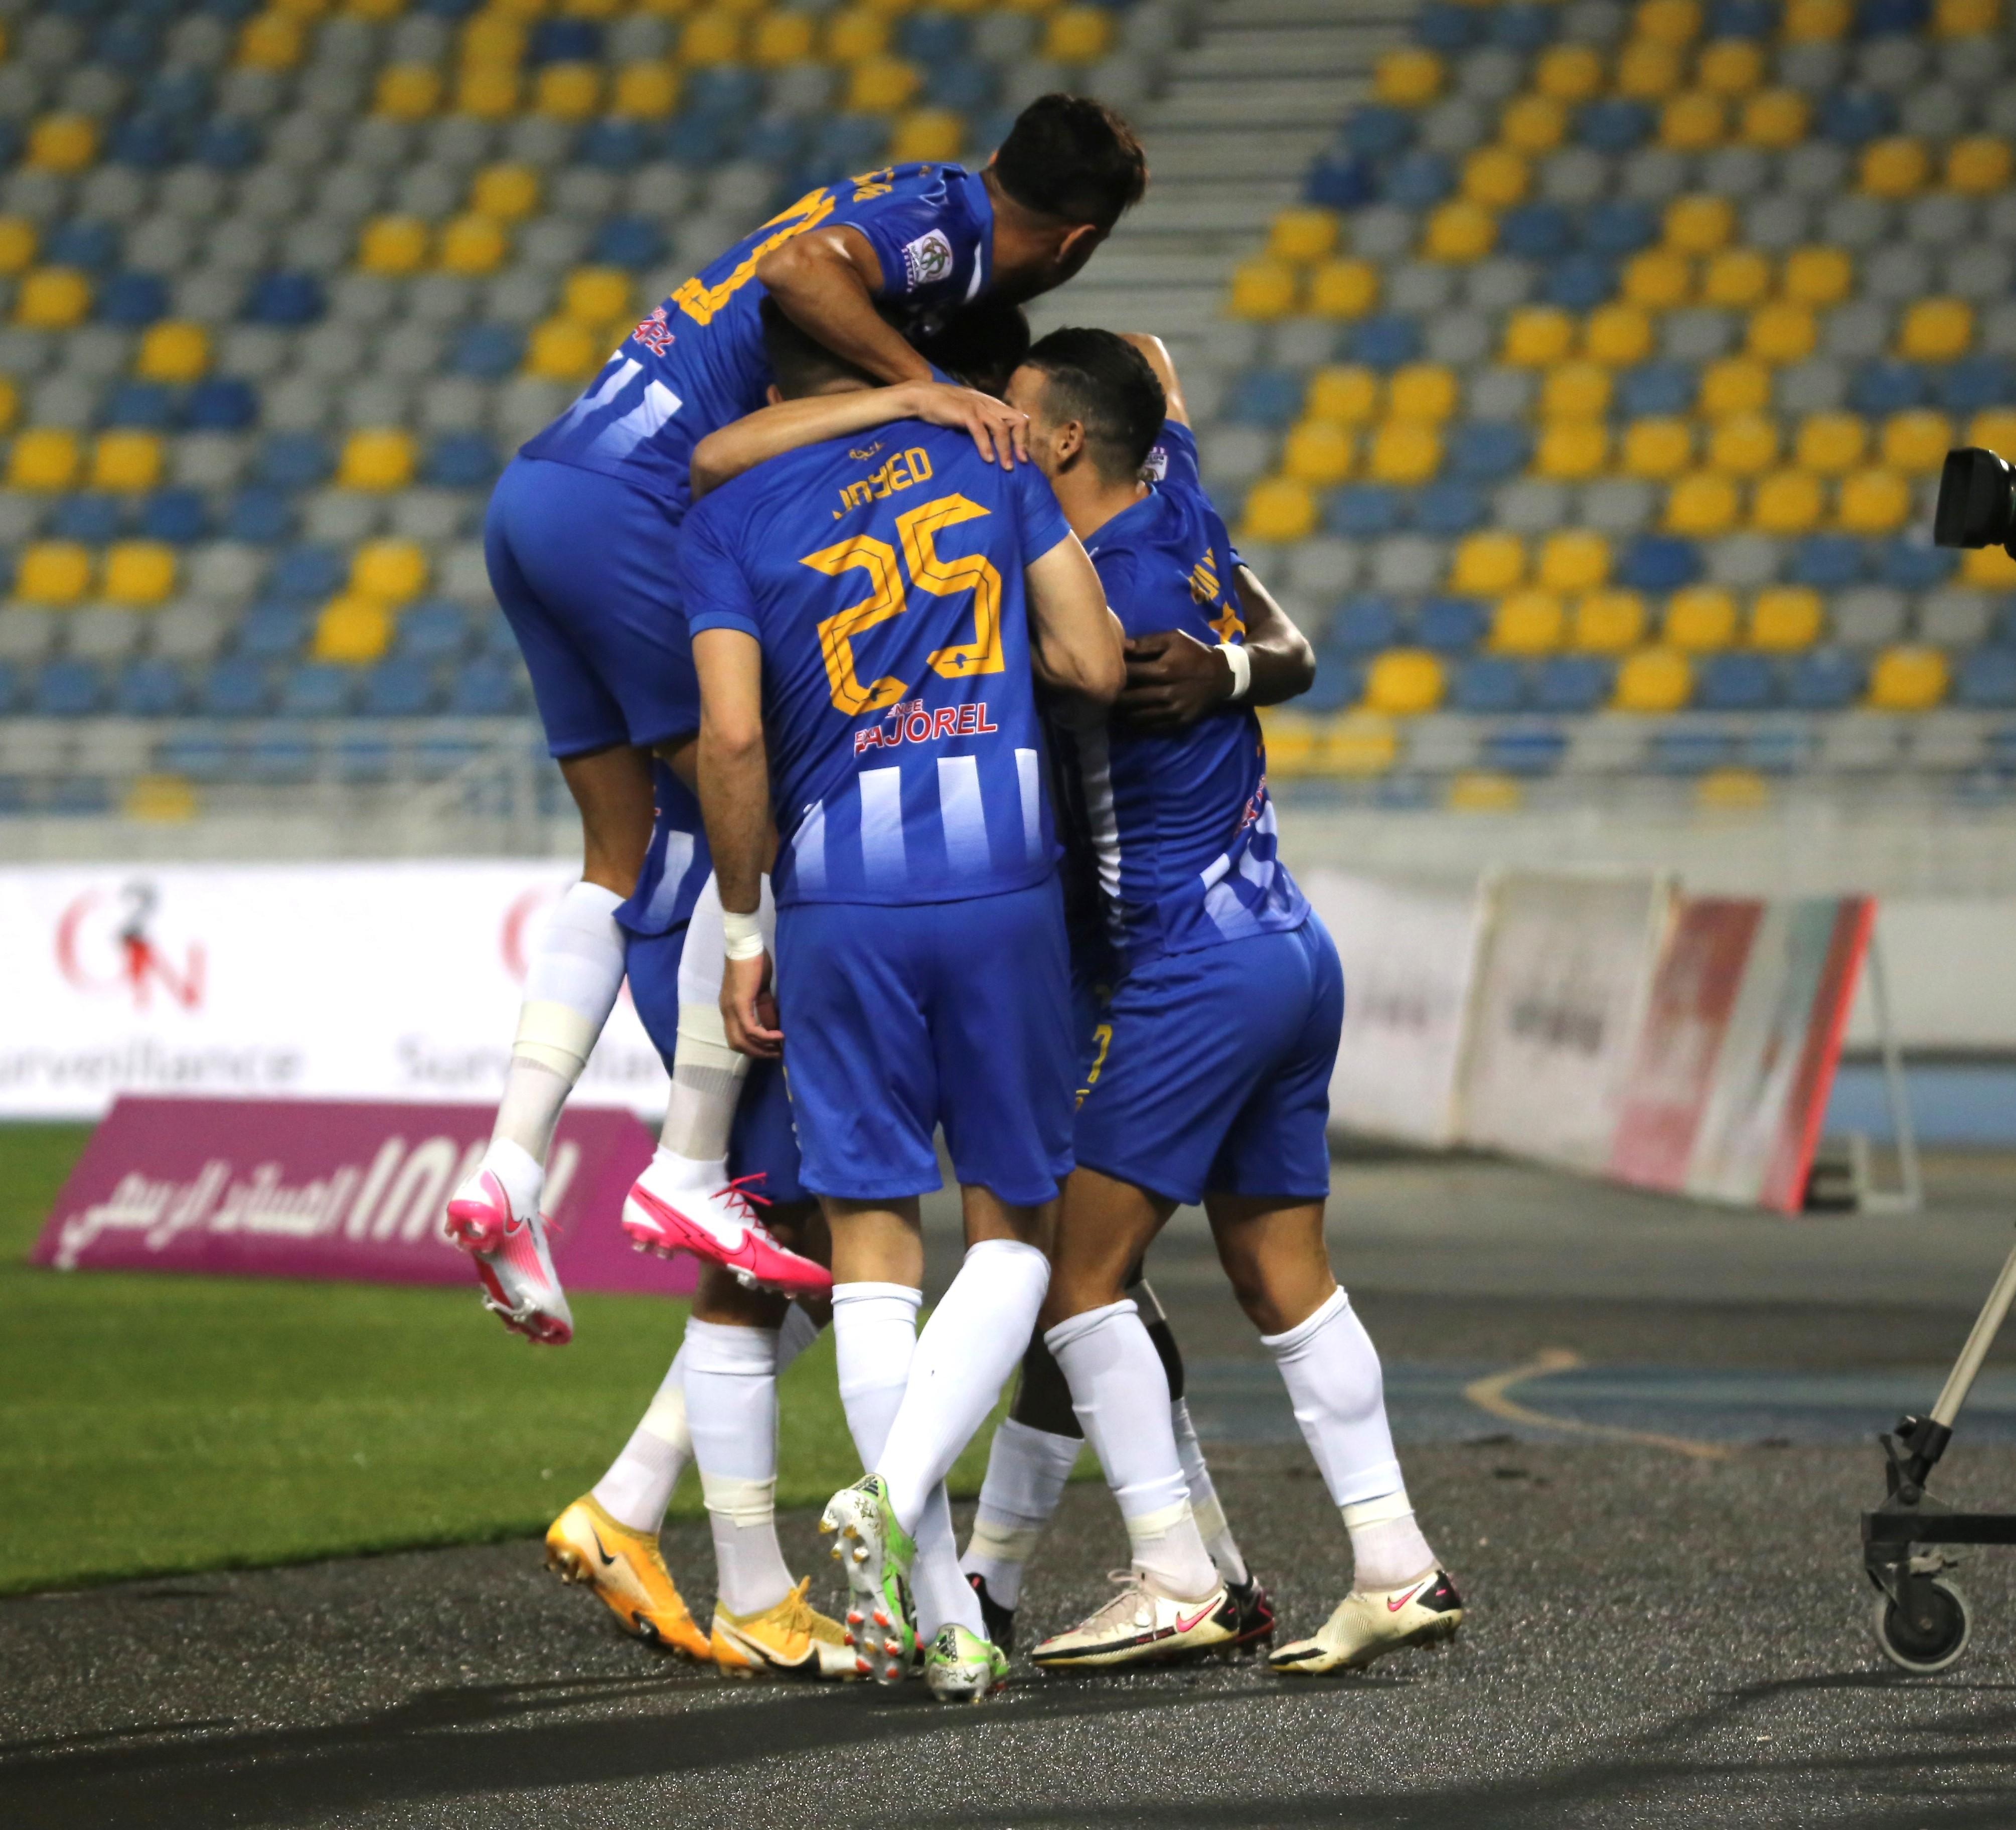 Botola Pro D1 / IRT-CAYB (2-0) : L'Ittihad remonte, le Youssoufia s'enfonce !